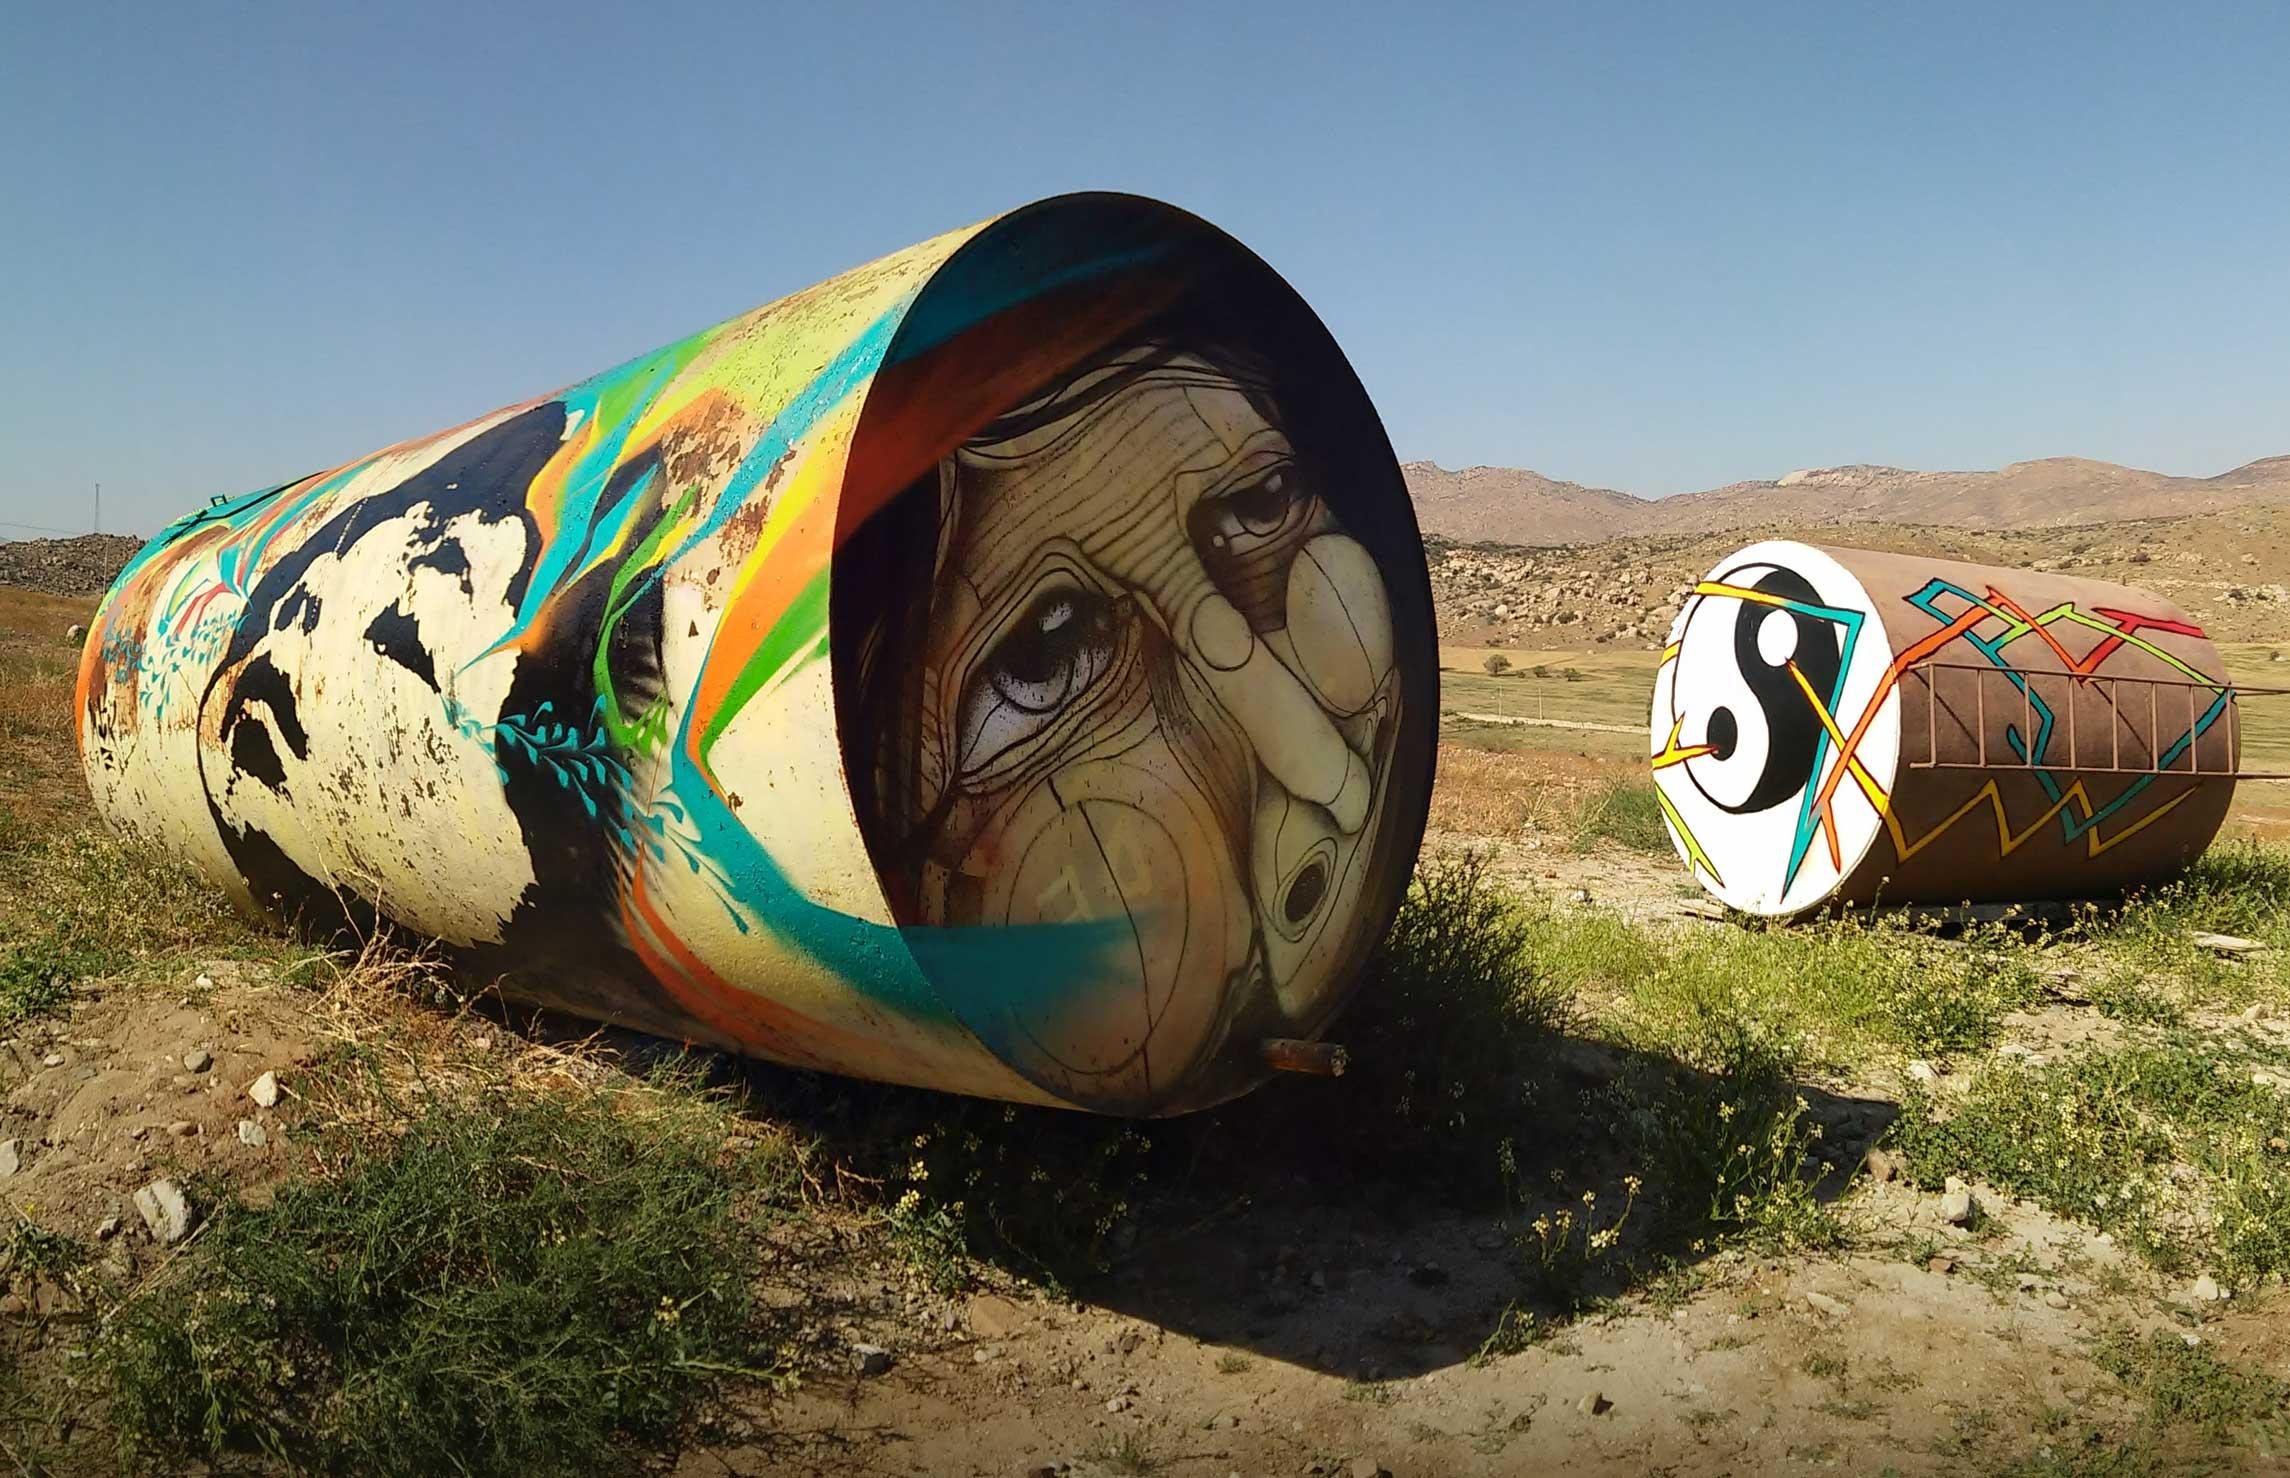 Alonso Delgadillo - Valle de las Palmas - Cilindros en un campo pintados con rostros y el símbolo yin yang